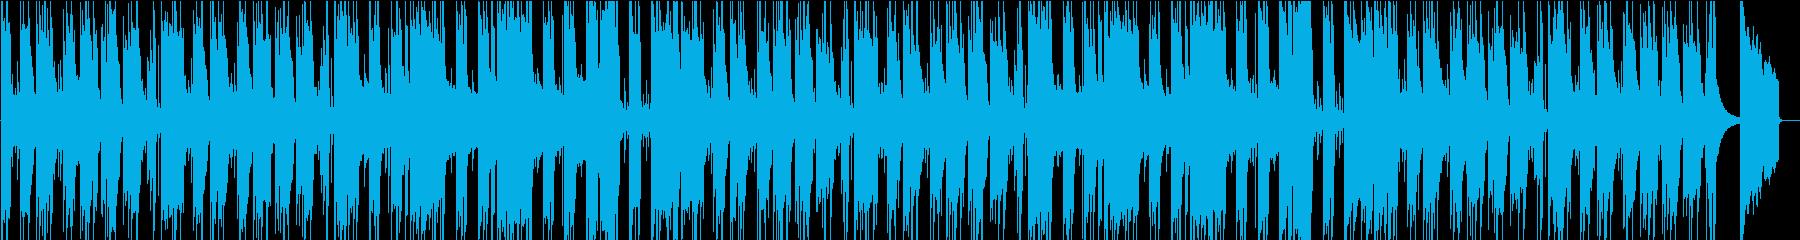 サックス、バラード/カラオケの再生済みの波形